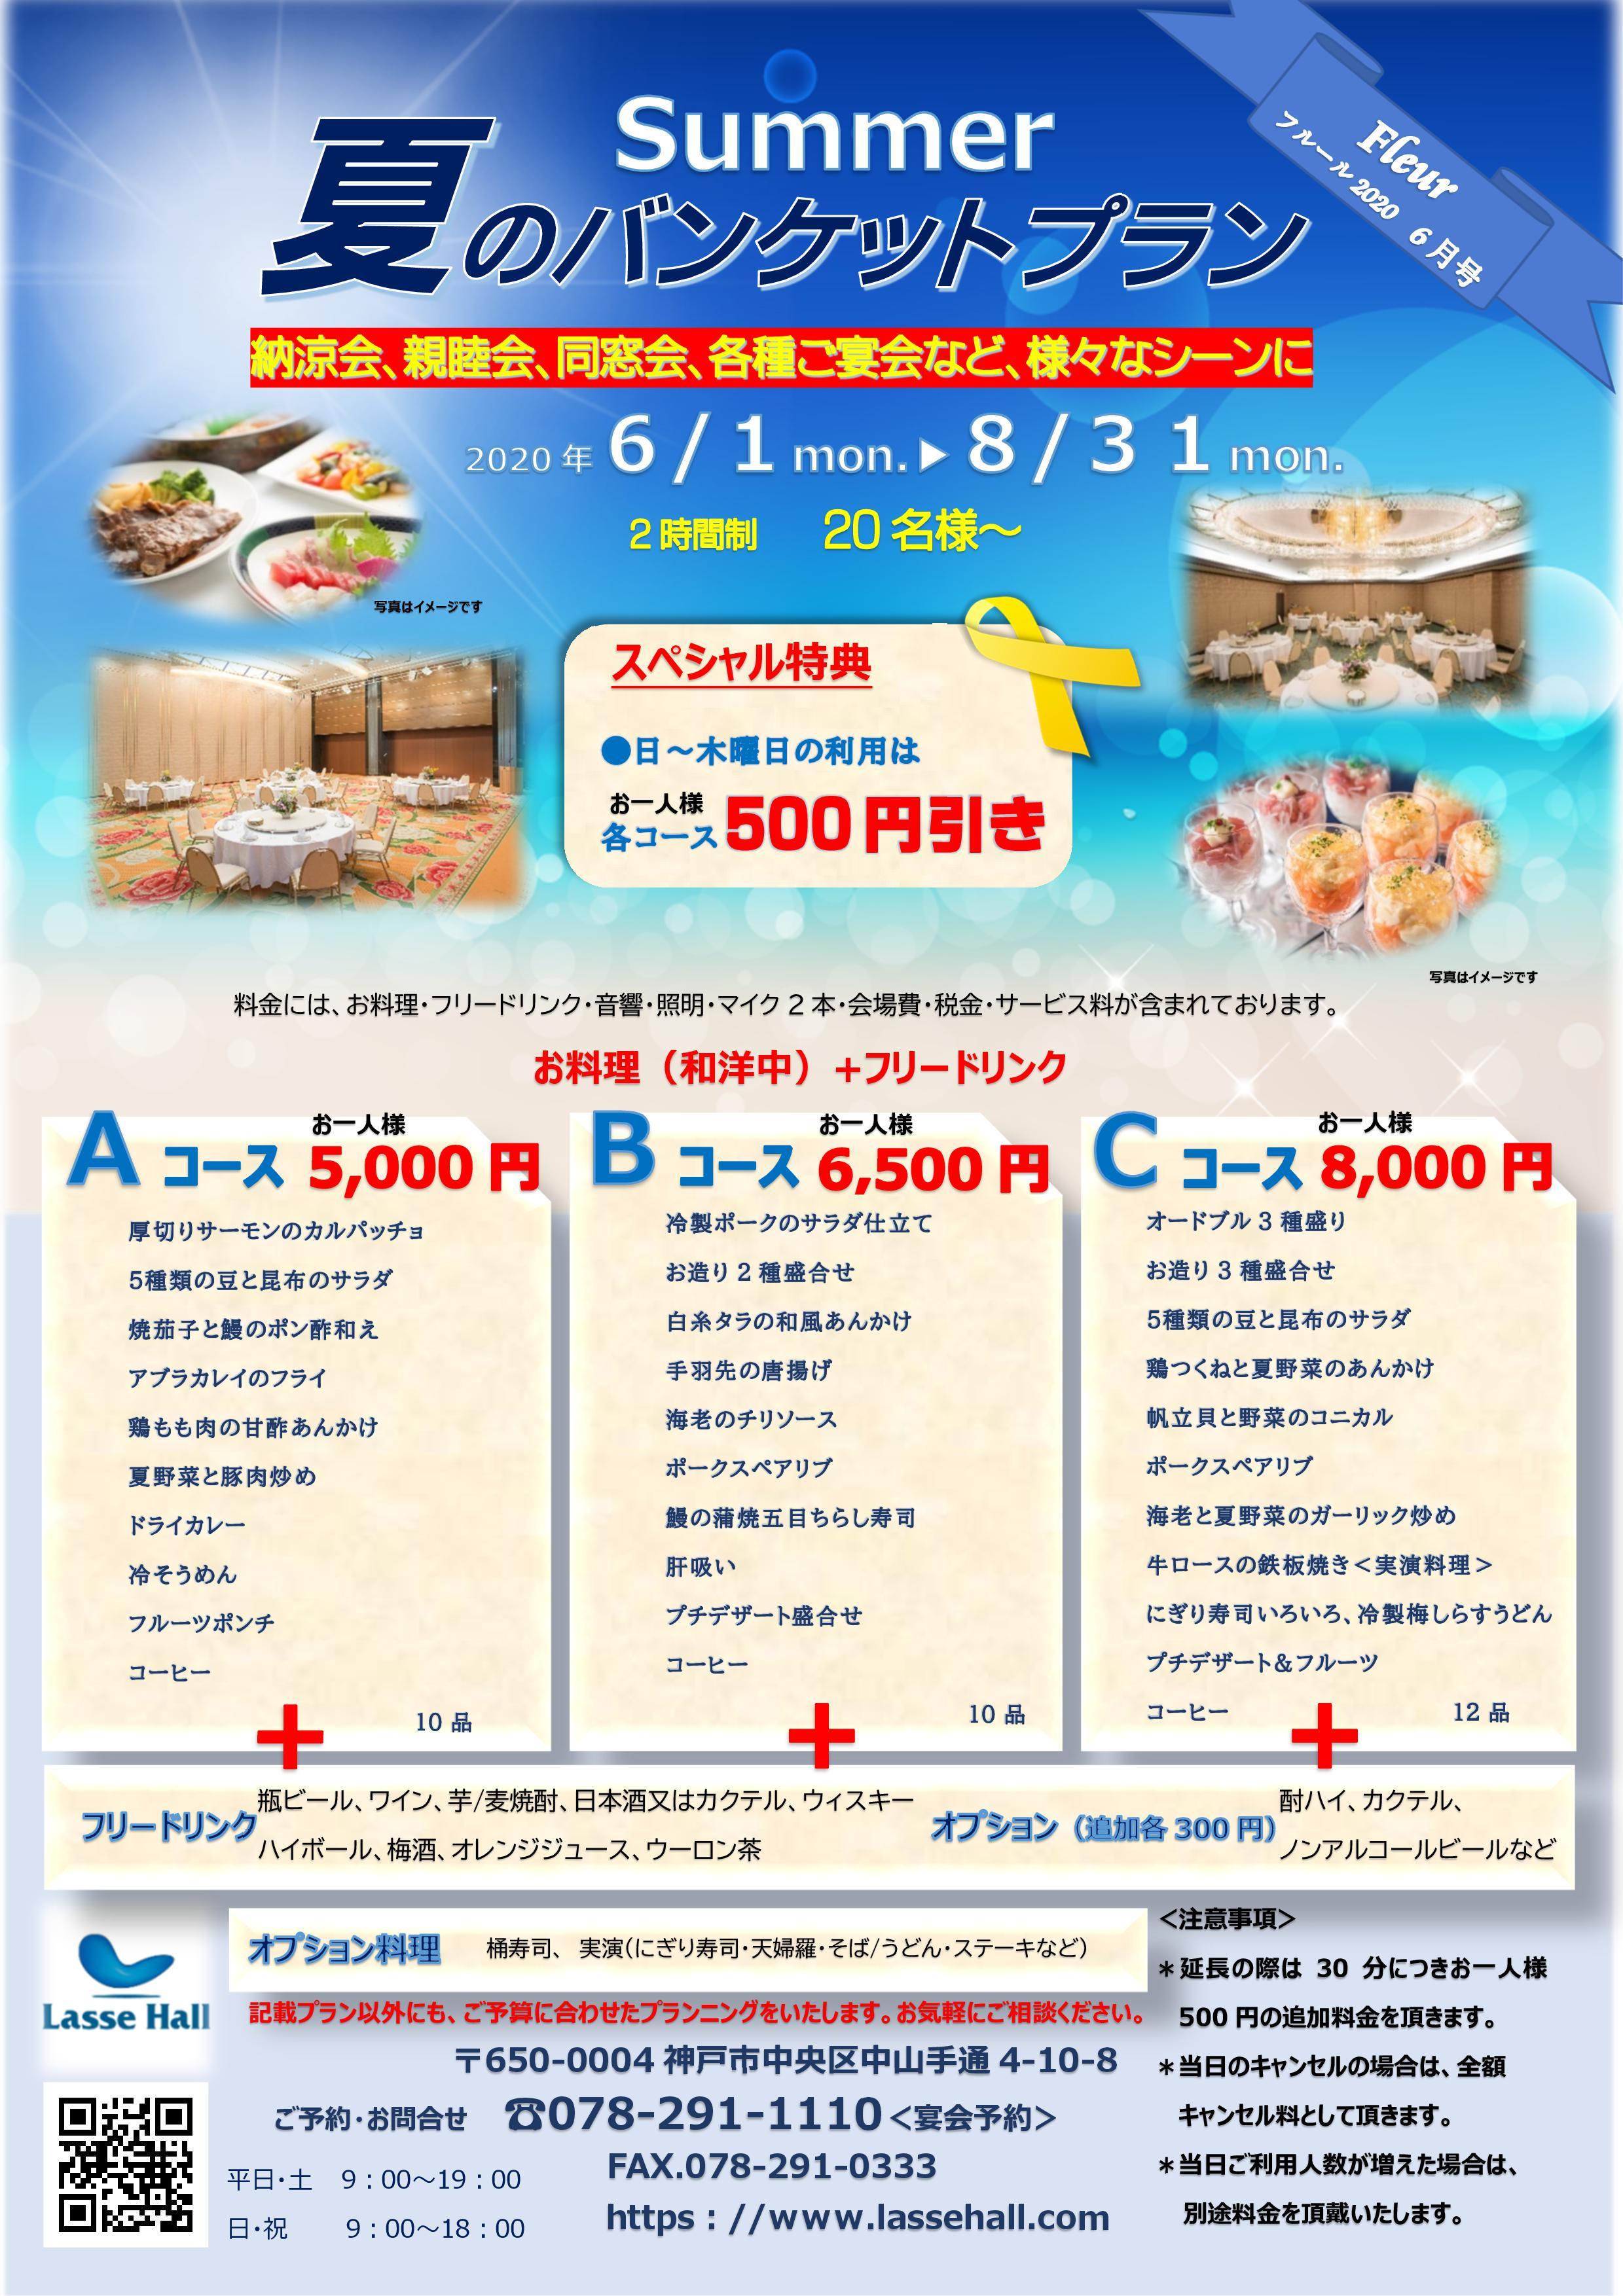 夏のバンケットプラン(20名様~/宴会場専用プラン)